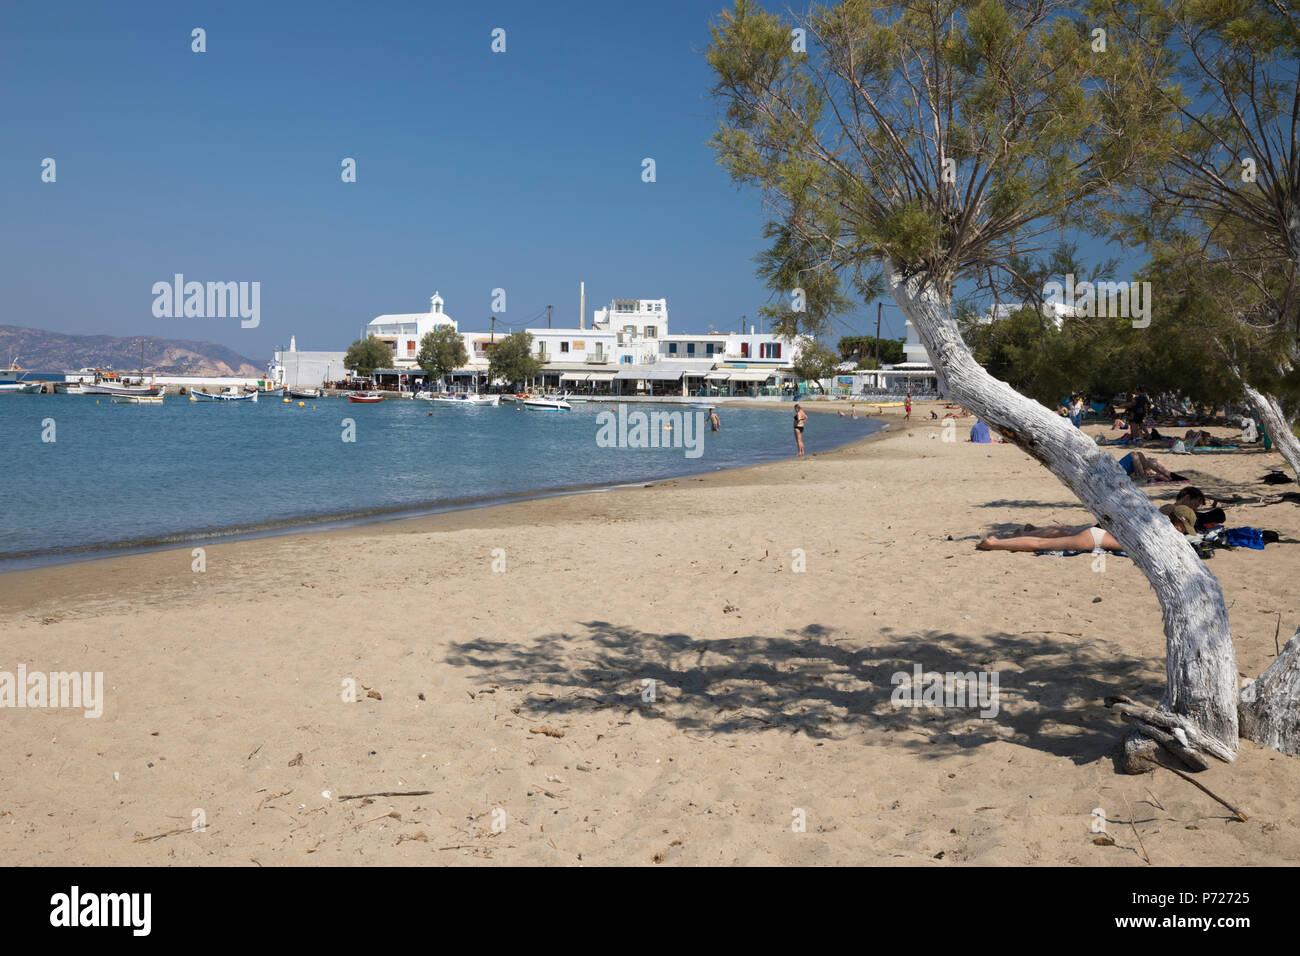 Le long de la plage de sable blanc, de Pollonia, Milos, Cyclades, Mer Égée, îles grecques, Grèce, Europe Banque D'Images